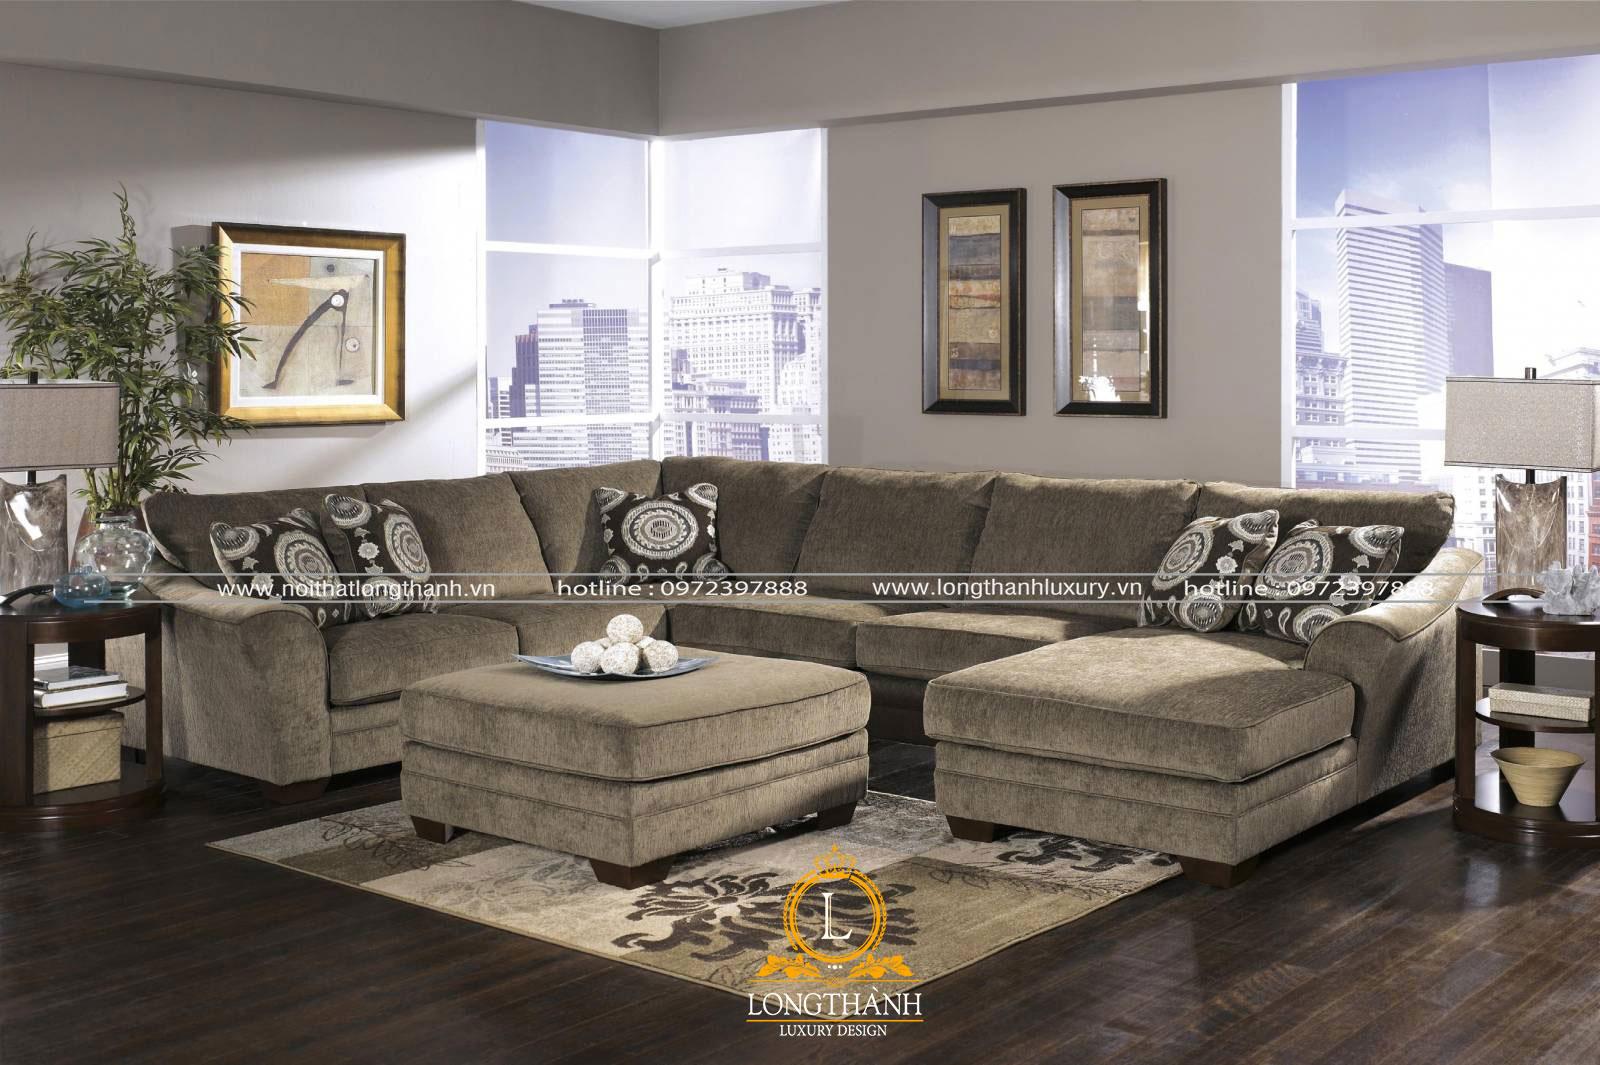 Bộ sofa nhung màu rêu cho không gian phòng khách nhà chung cư